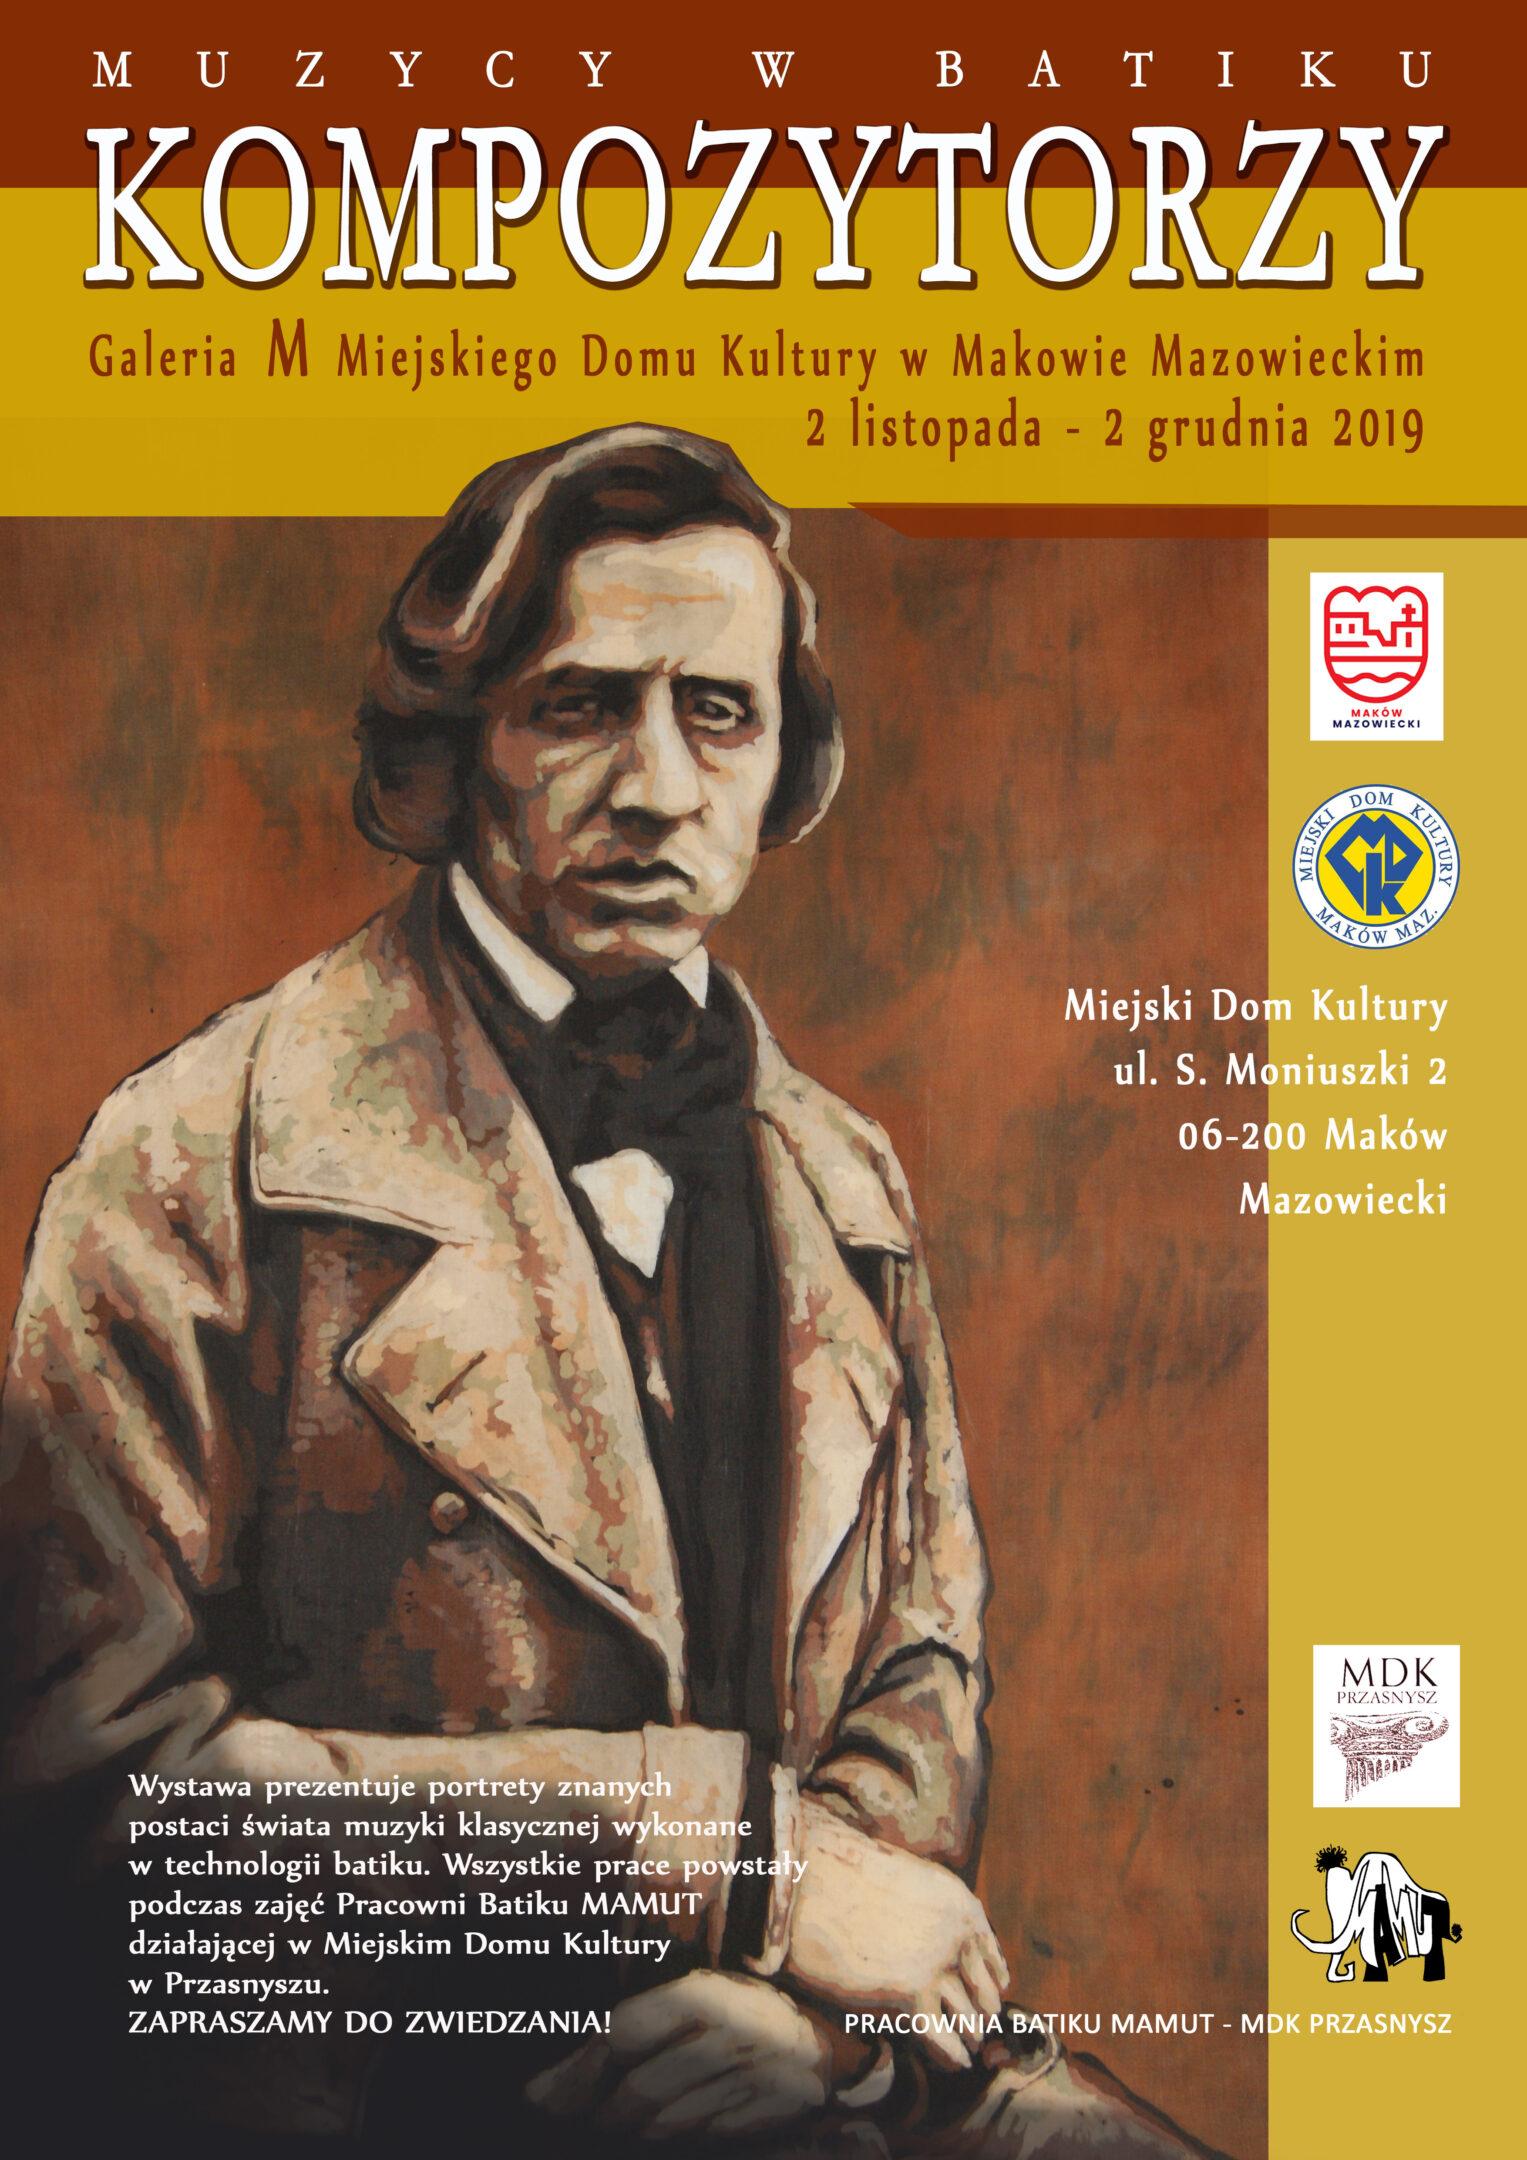 Plakat. Na plakacie znajduje się meżczyzna oraz informacja. Wyztawa Muzycy w Batiku pod tytułem Kompozytorzy. OD 2 listopADA DO 2 GRUDNIA